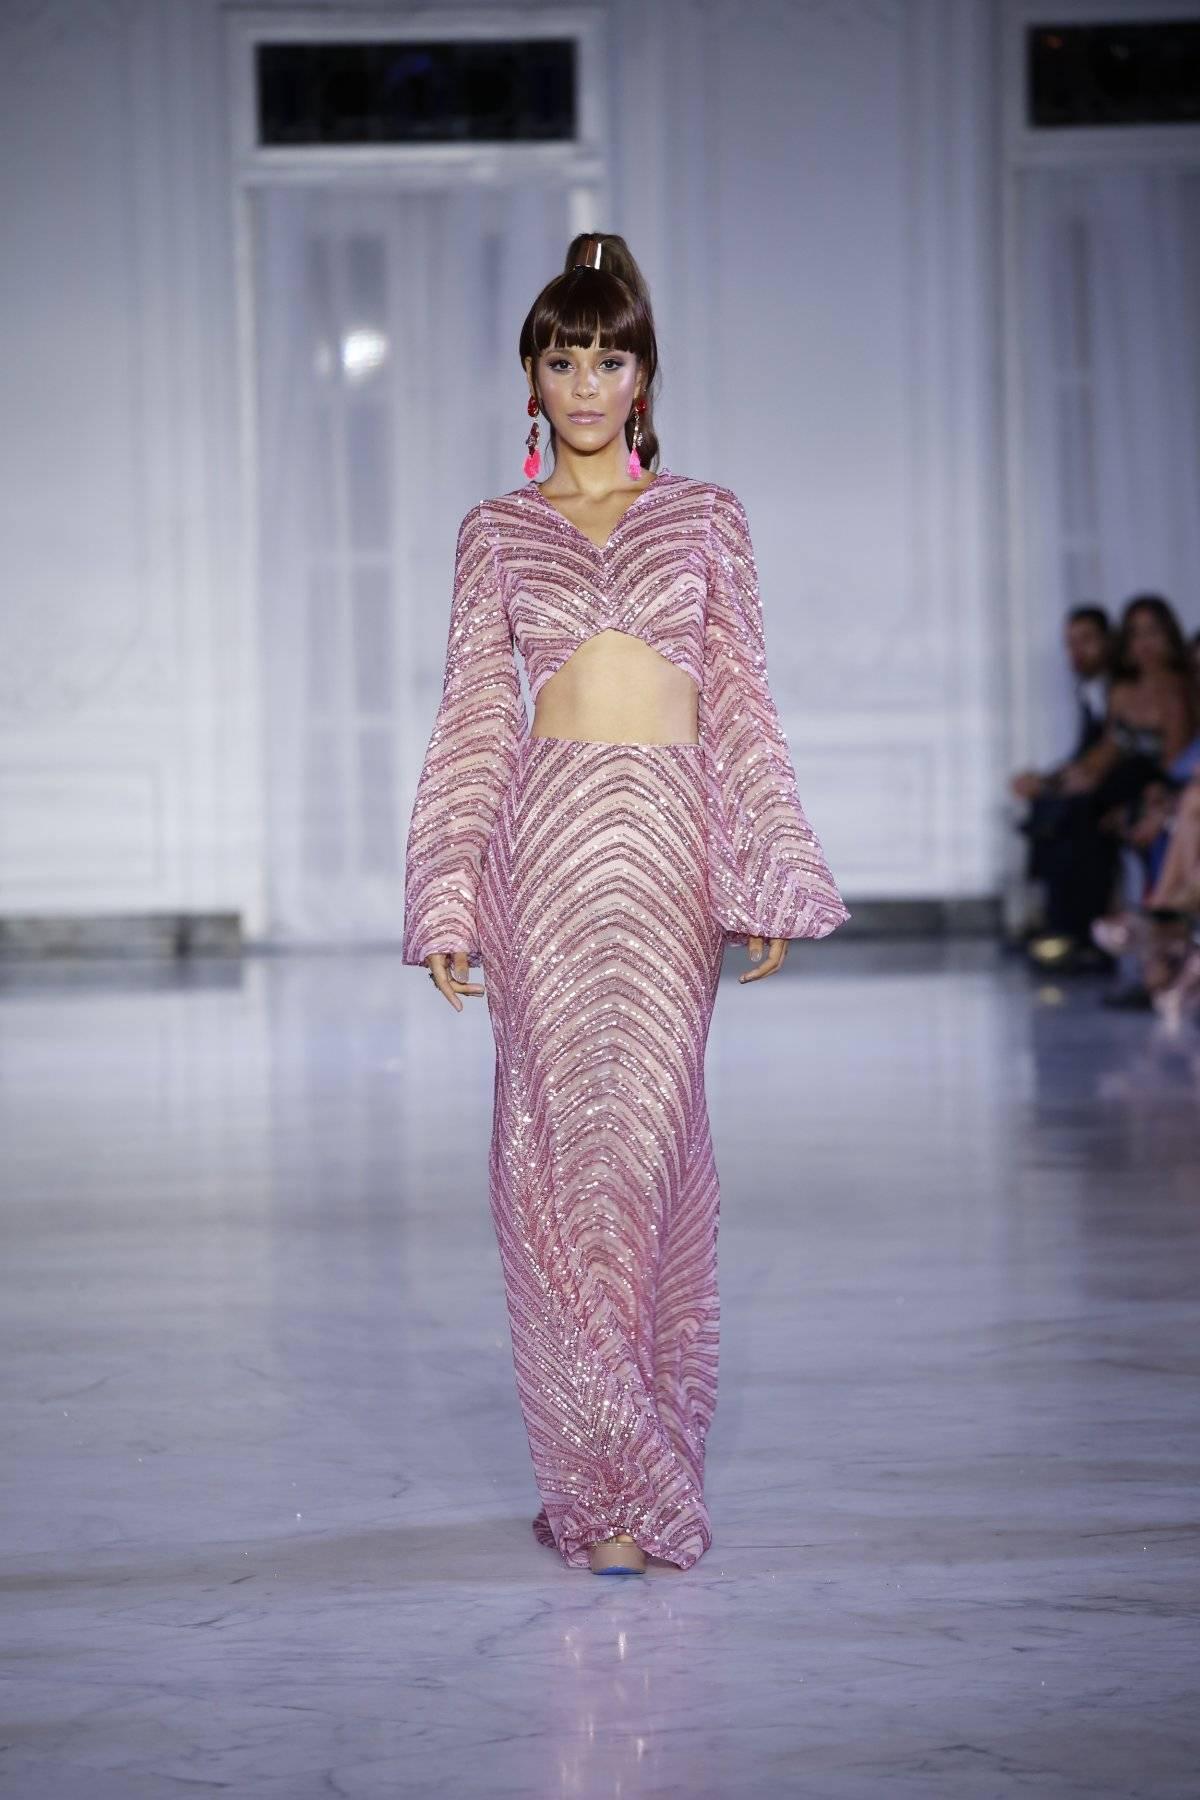 Colección primavera-verano 2019 I Drean of Jeannie, del diseñador Ángel Guzmán / Foto: San Juan Moda-Jessica Cristina